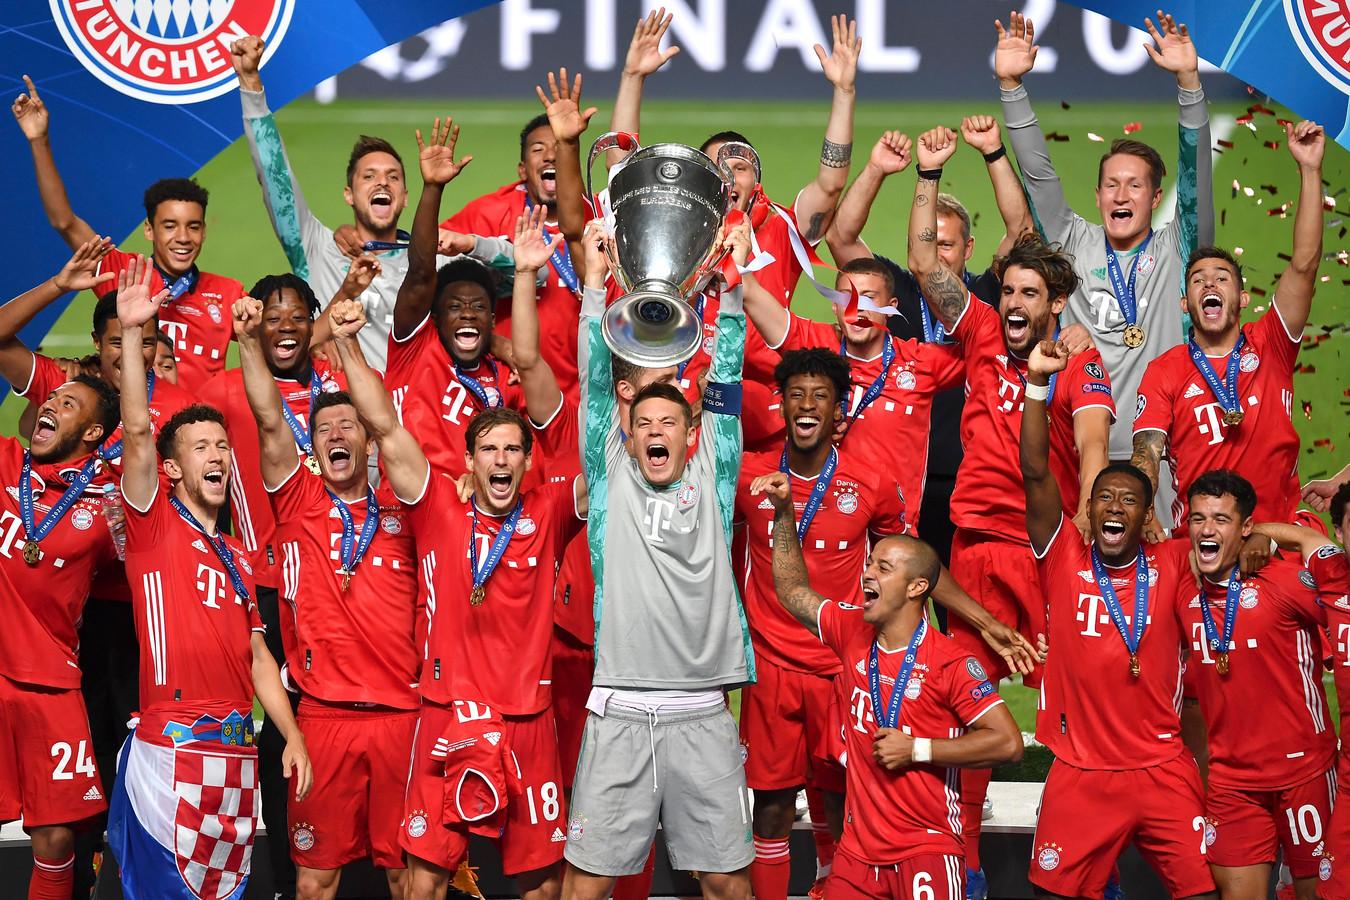 Bayern München won vorig jaar ten koste van PSG de Champions League.